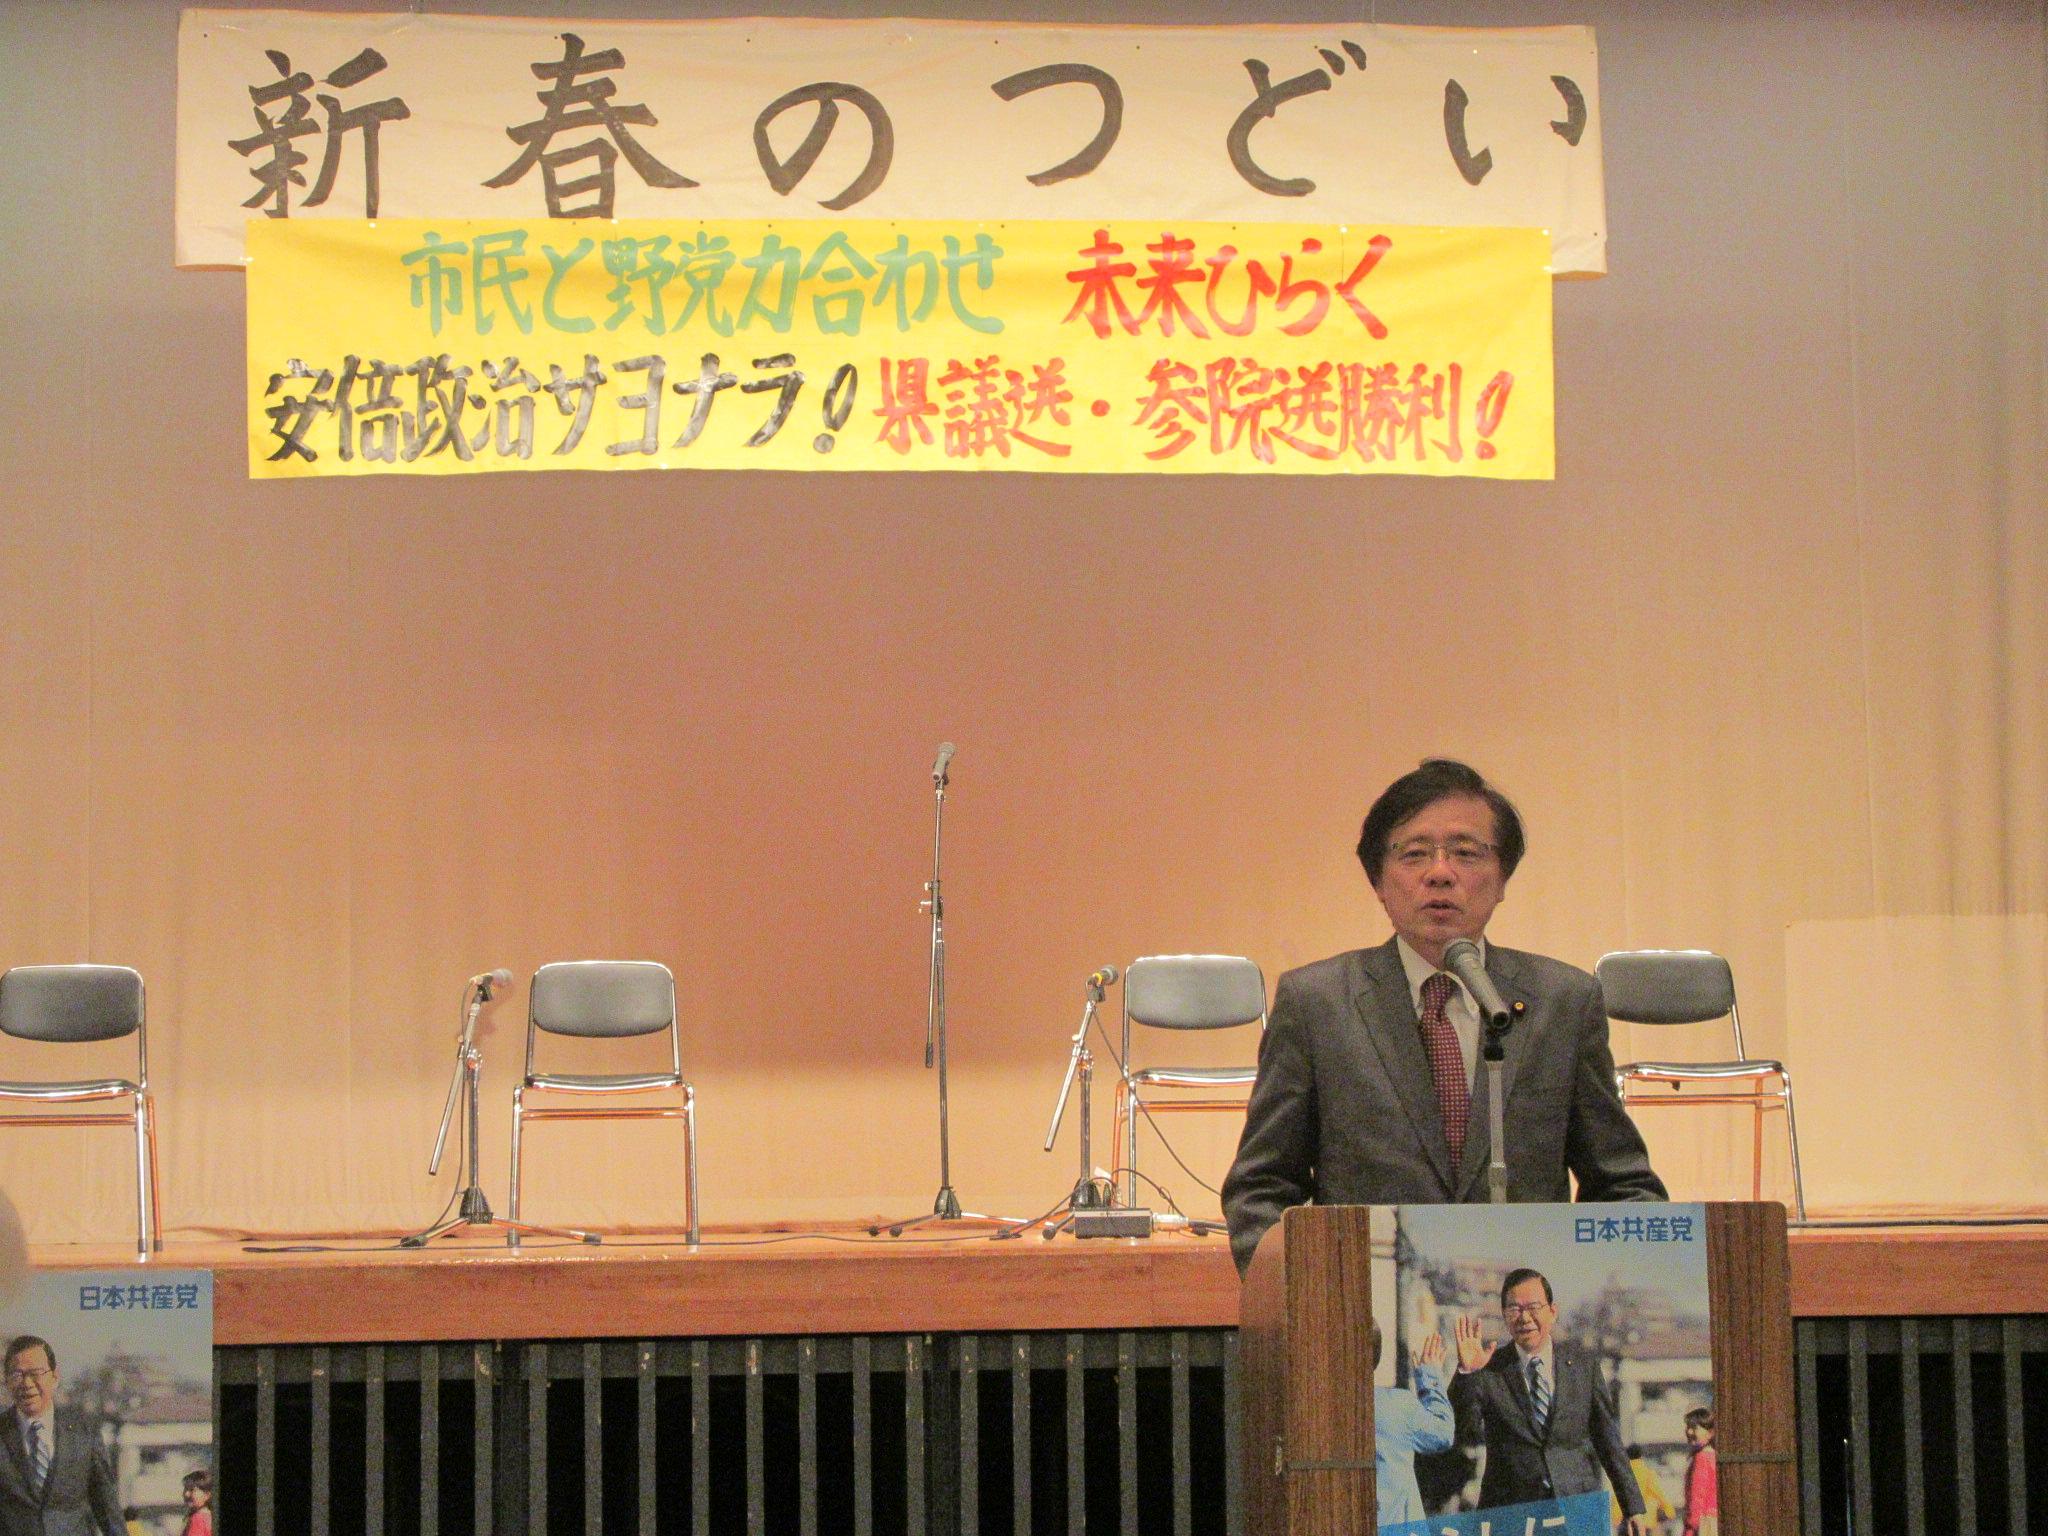 http://www.inoue-satoshi.com/diary/IMG_8321.JPG